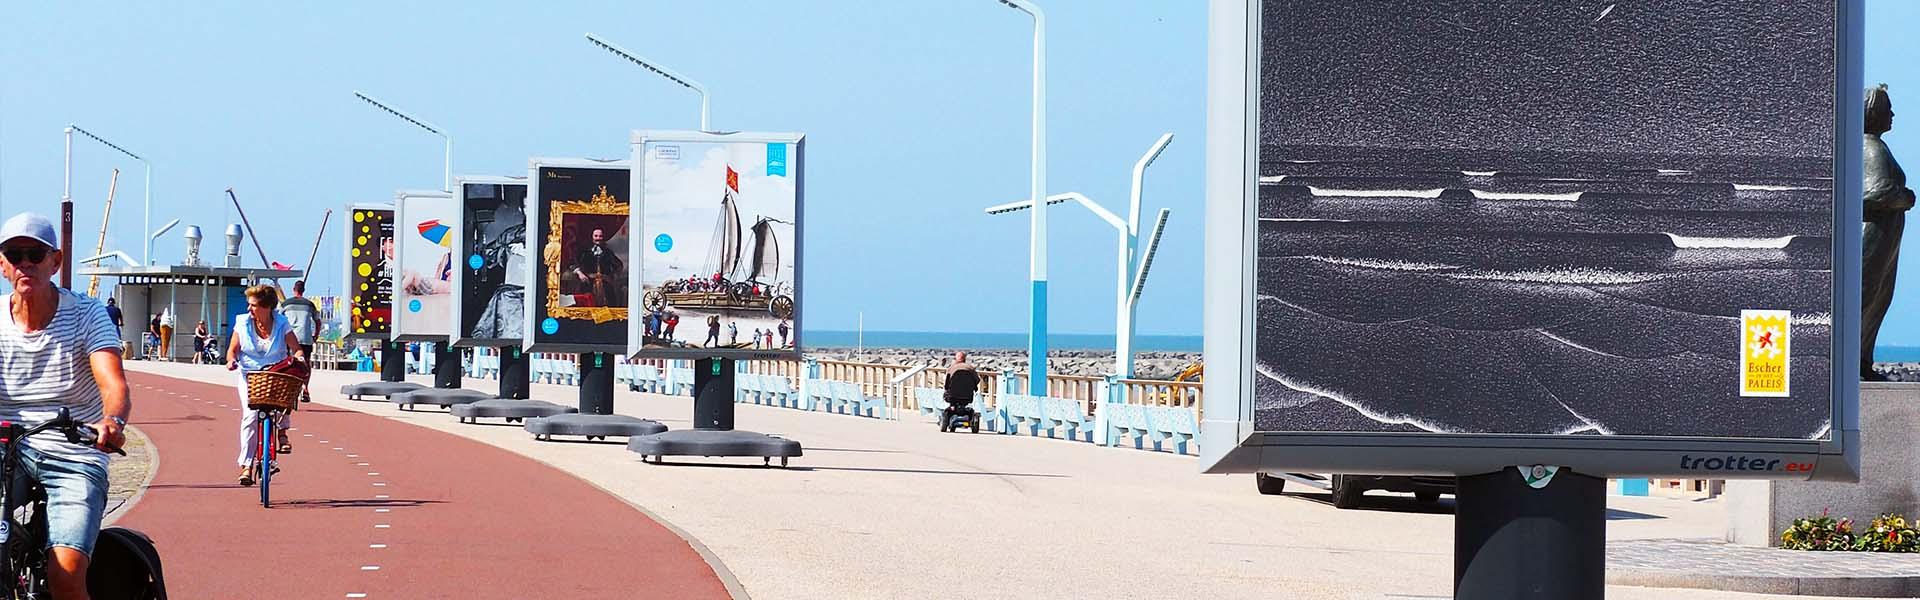 Buitenexpositie - Feest aan Zee - Image Building